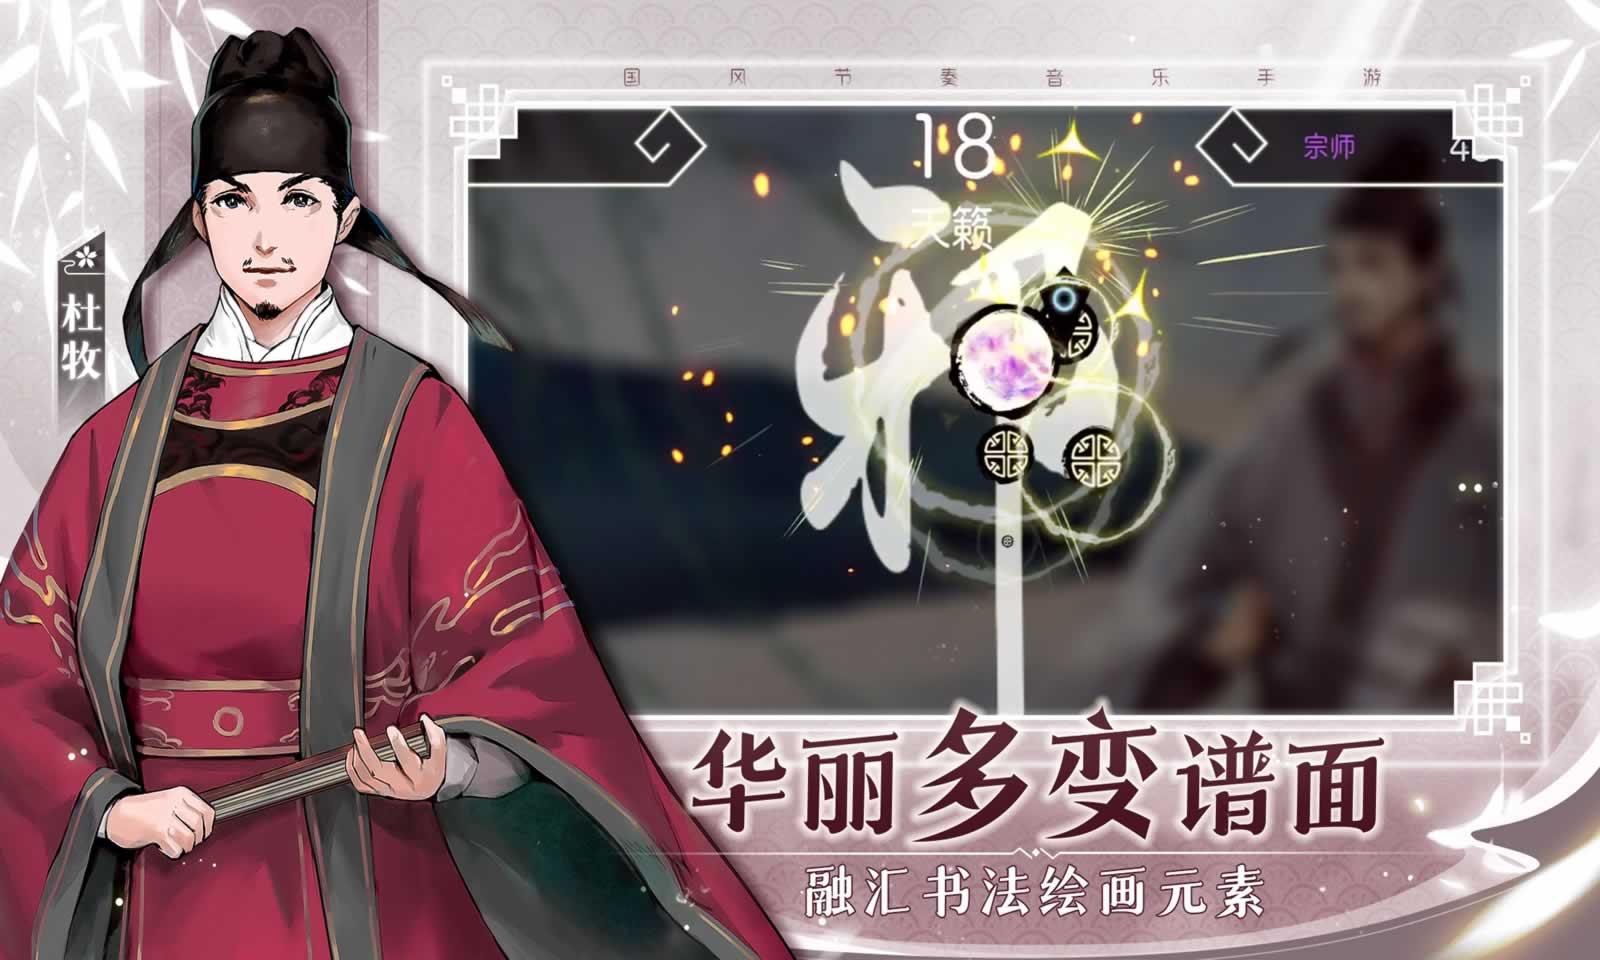 阳春艺曲4.0.4版本更新官方下载图2: